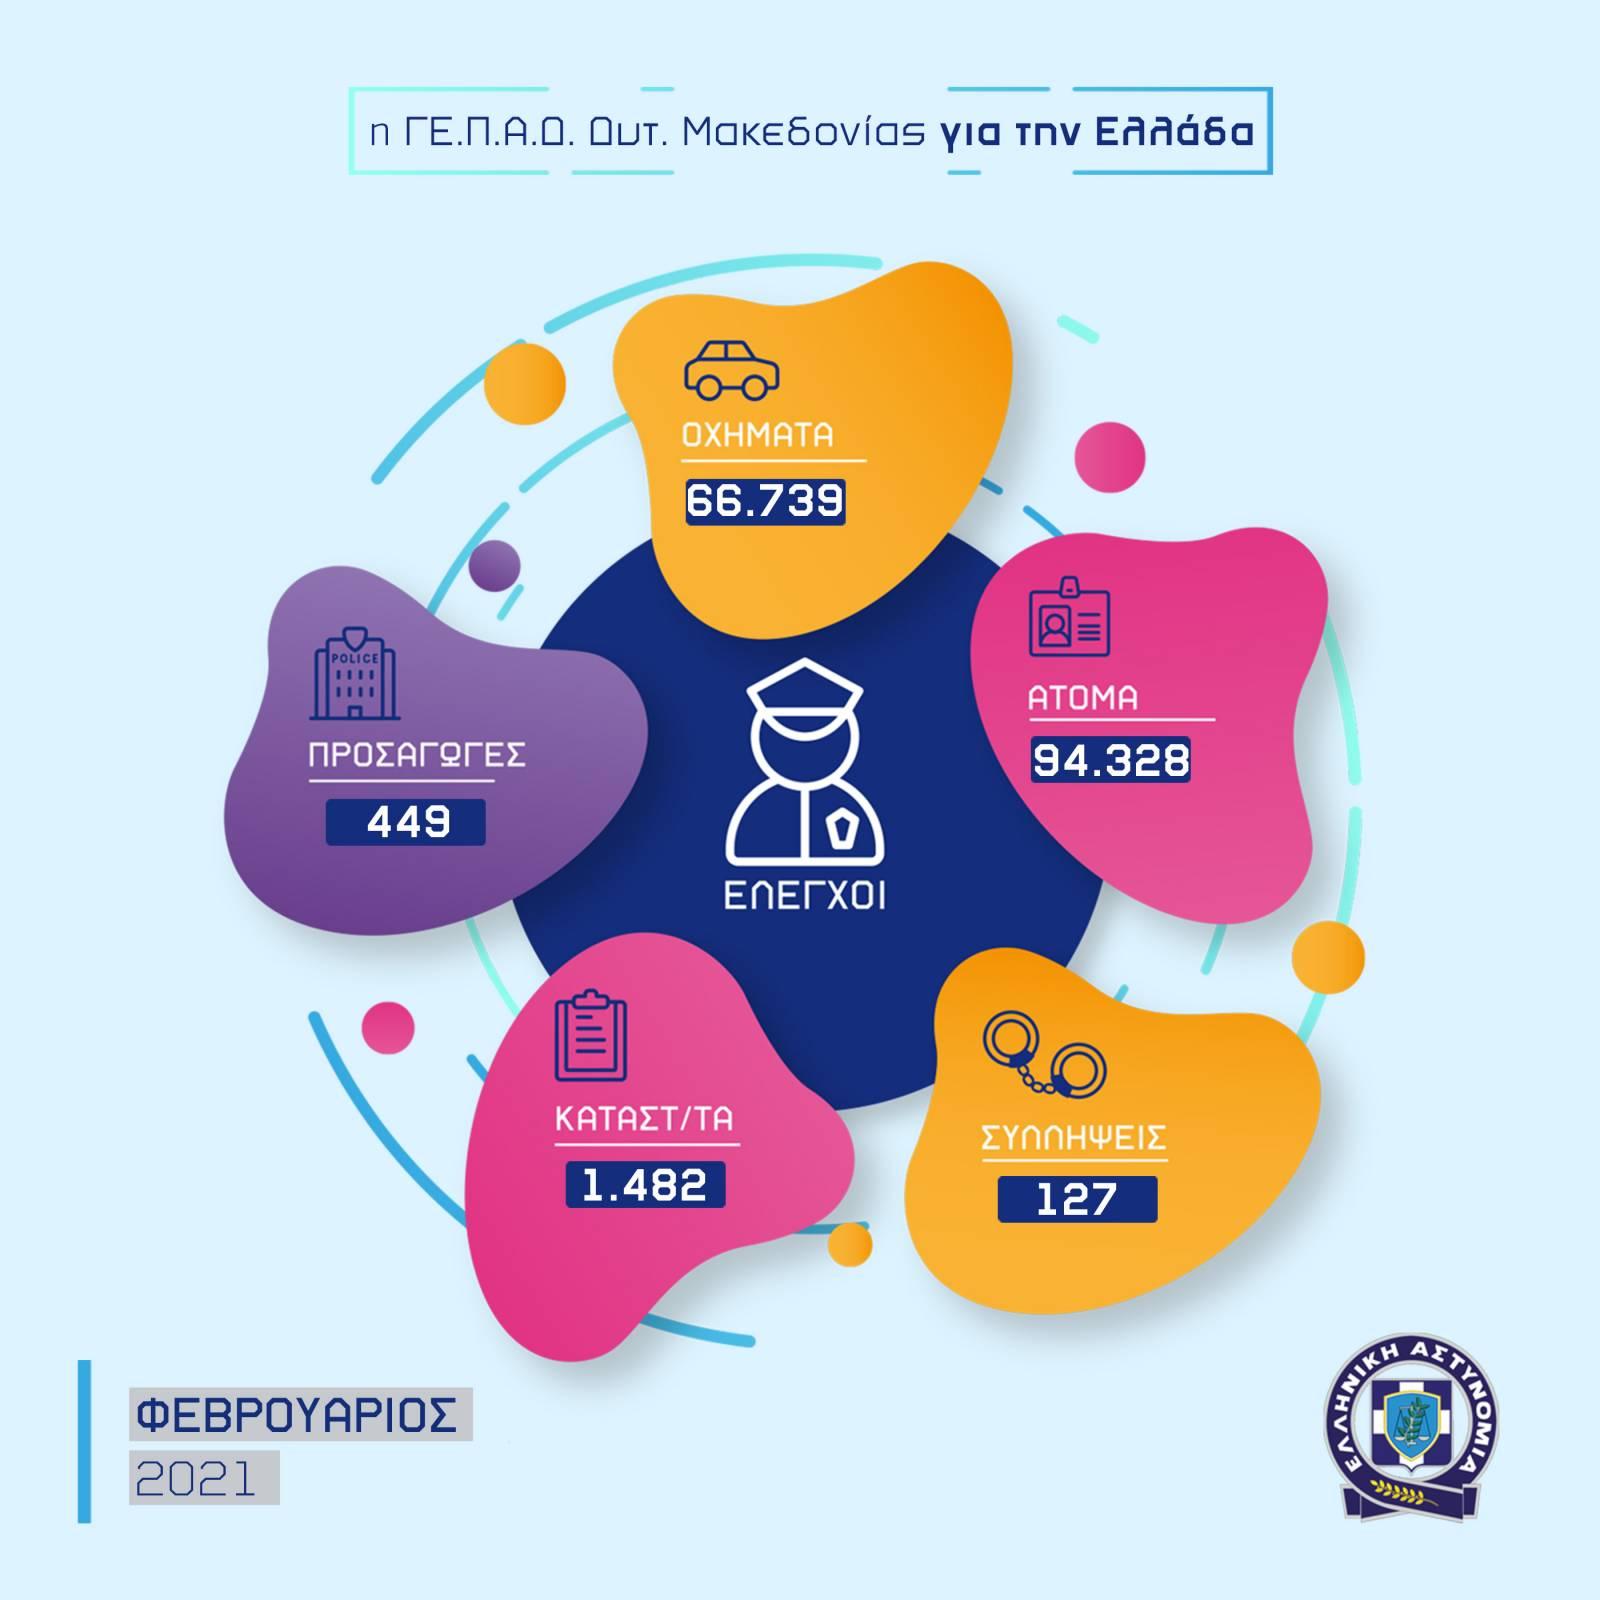 Ο απολογισμός της δραστηριότητας των Υπηρεσιών της Γενικής Περιφερειακής Αστυνομικής Διεύθυνσης Δυτικής Μακεδονίας για τον Φεβρουάριο 2021